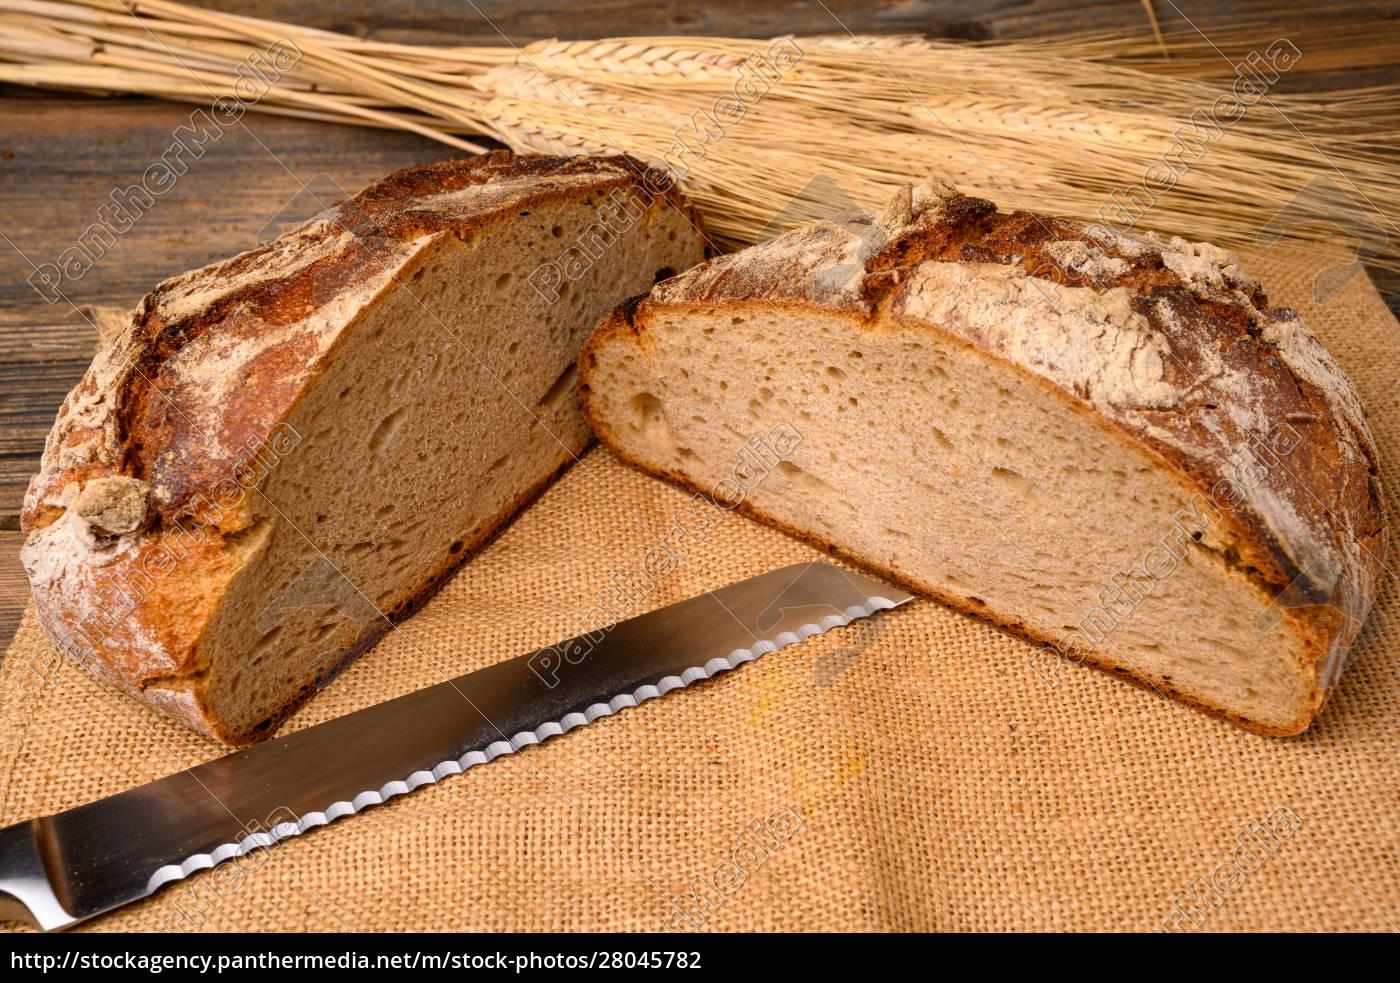 ein, frisches, vollkornbrot, vom, bäcker, halbiert, mit - 28045782